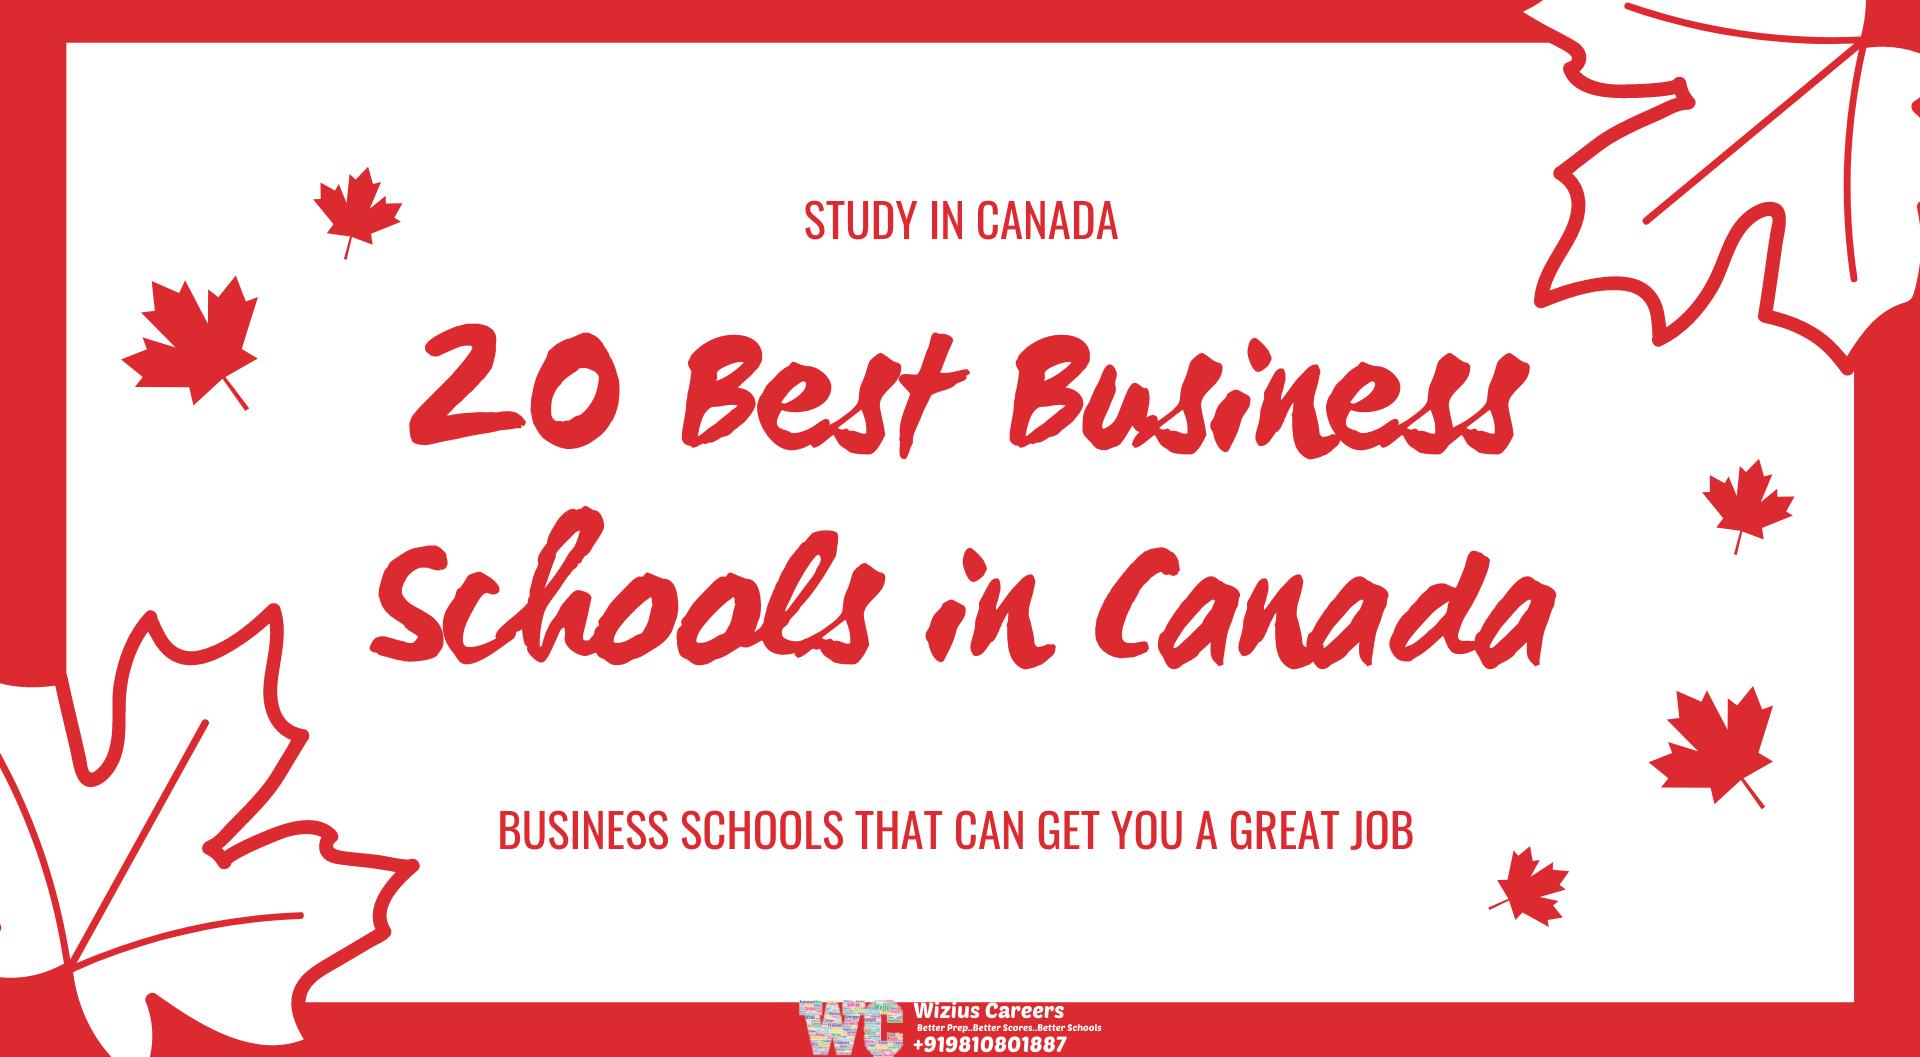 Best Business Schools in Canada